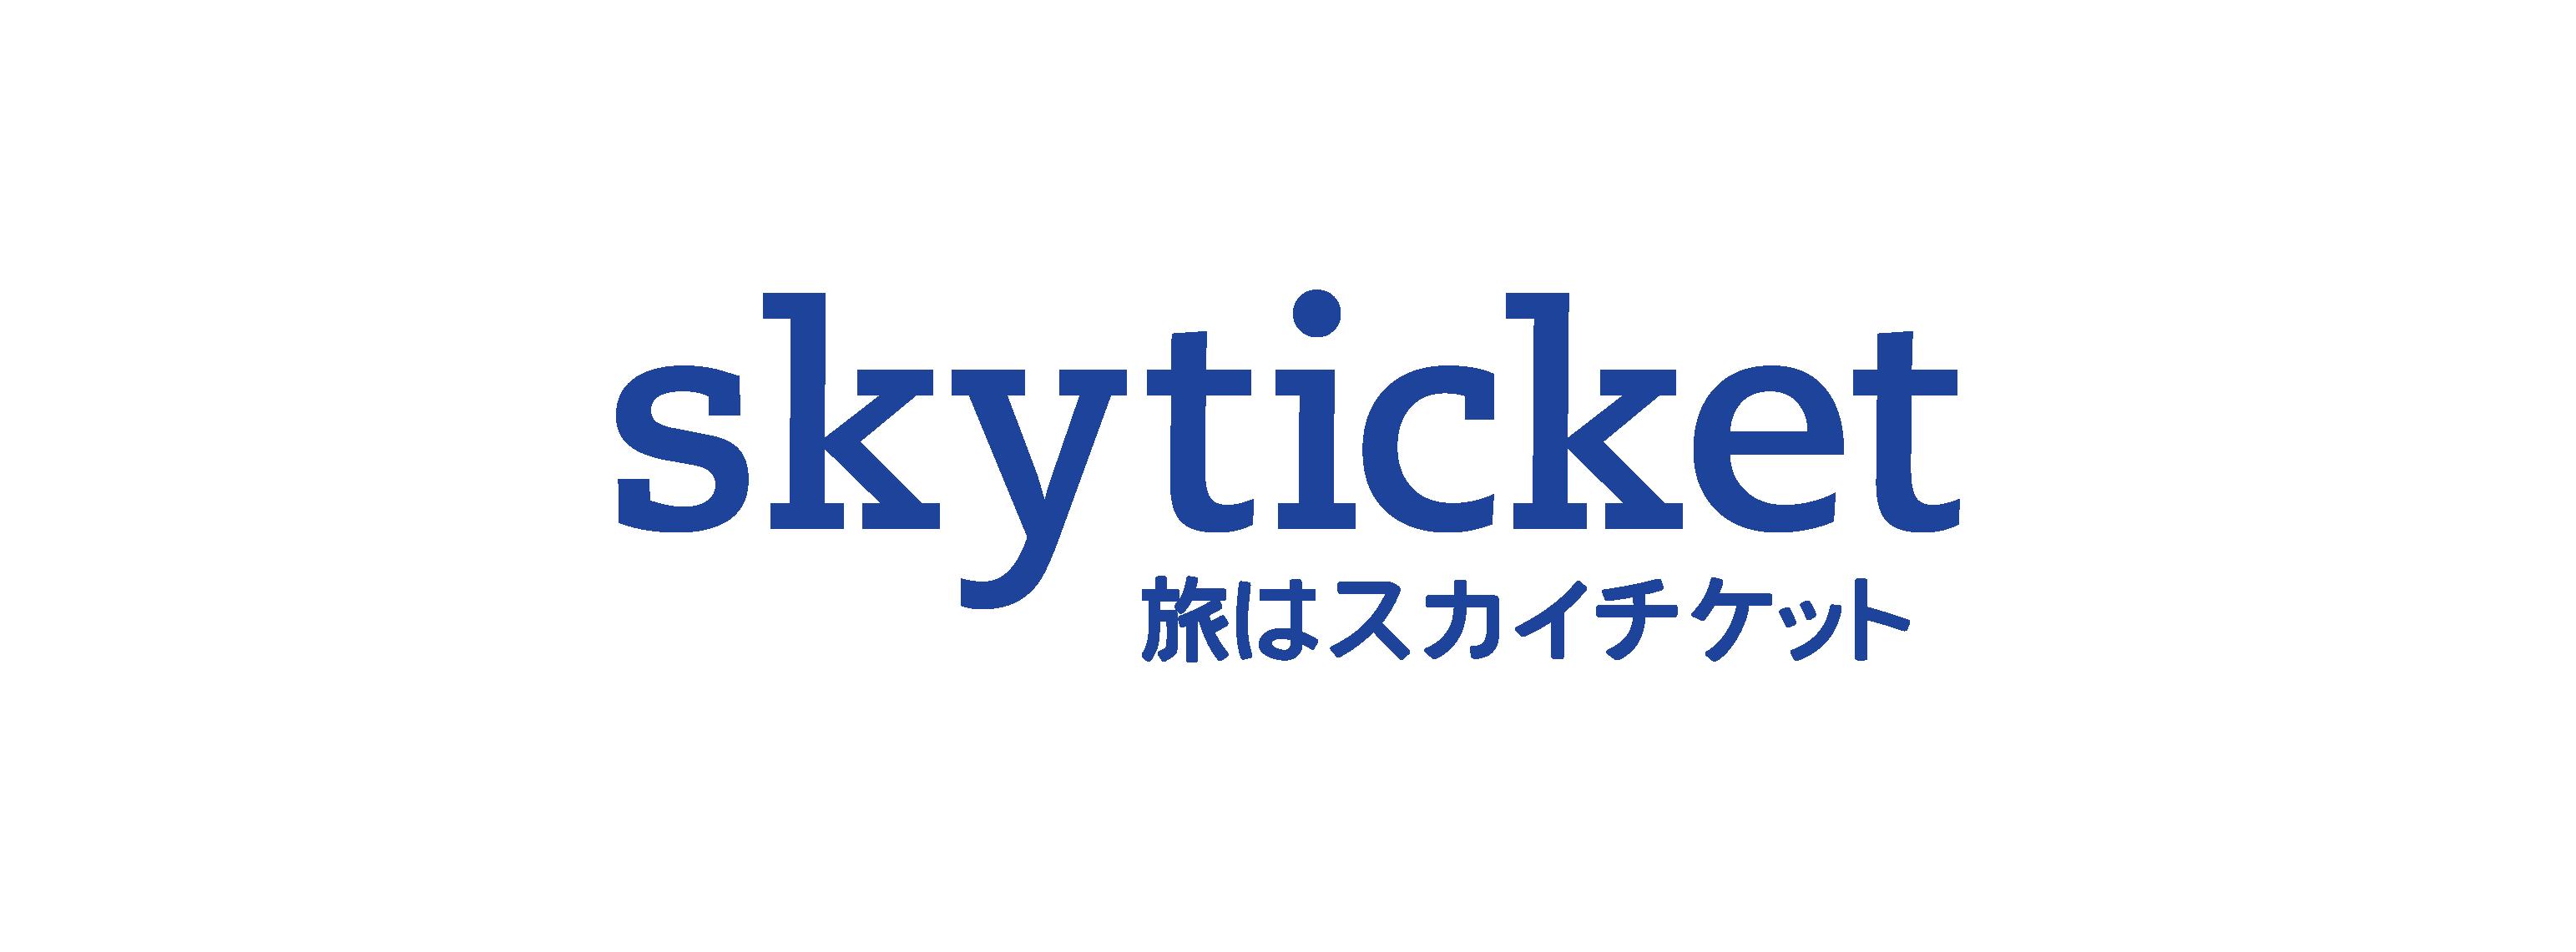 HDI-Japan主催「HDI格付けベンチマーク」において株式会社アドベンチャーが運営する32言語対応の航空券等予約販売サイト「skyticket」が二つ星を獲得